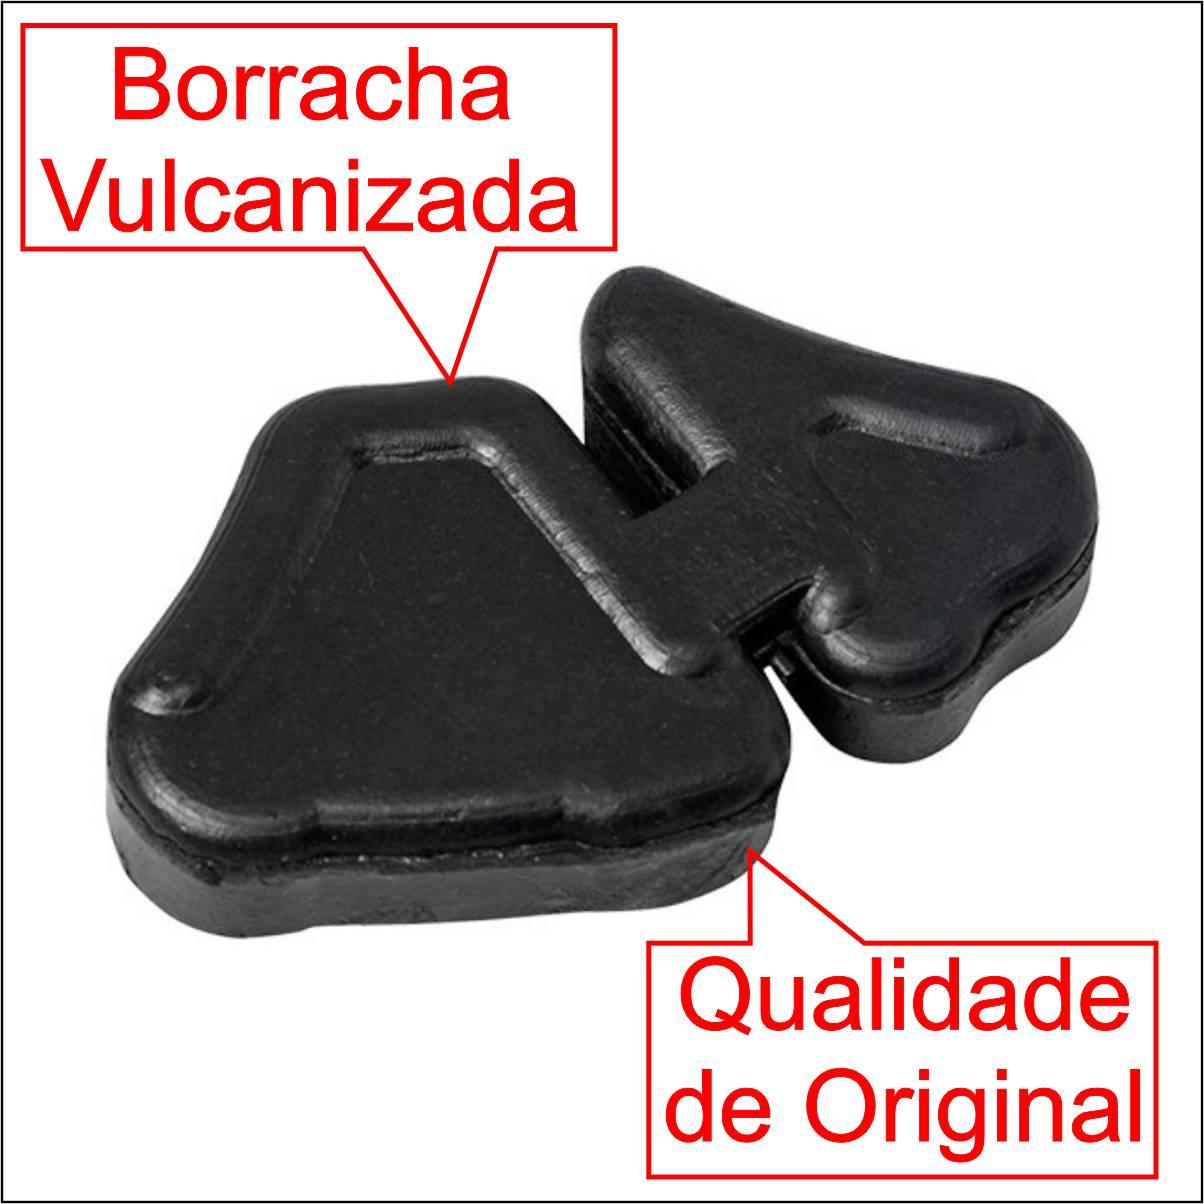 COXIM BRANDY CUBO TRASEIRO BORRACHA RODA MOTO HONDA BIZ 125 e BIZ 110i JOGO COM 4 PEÇAS